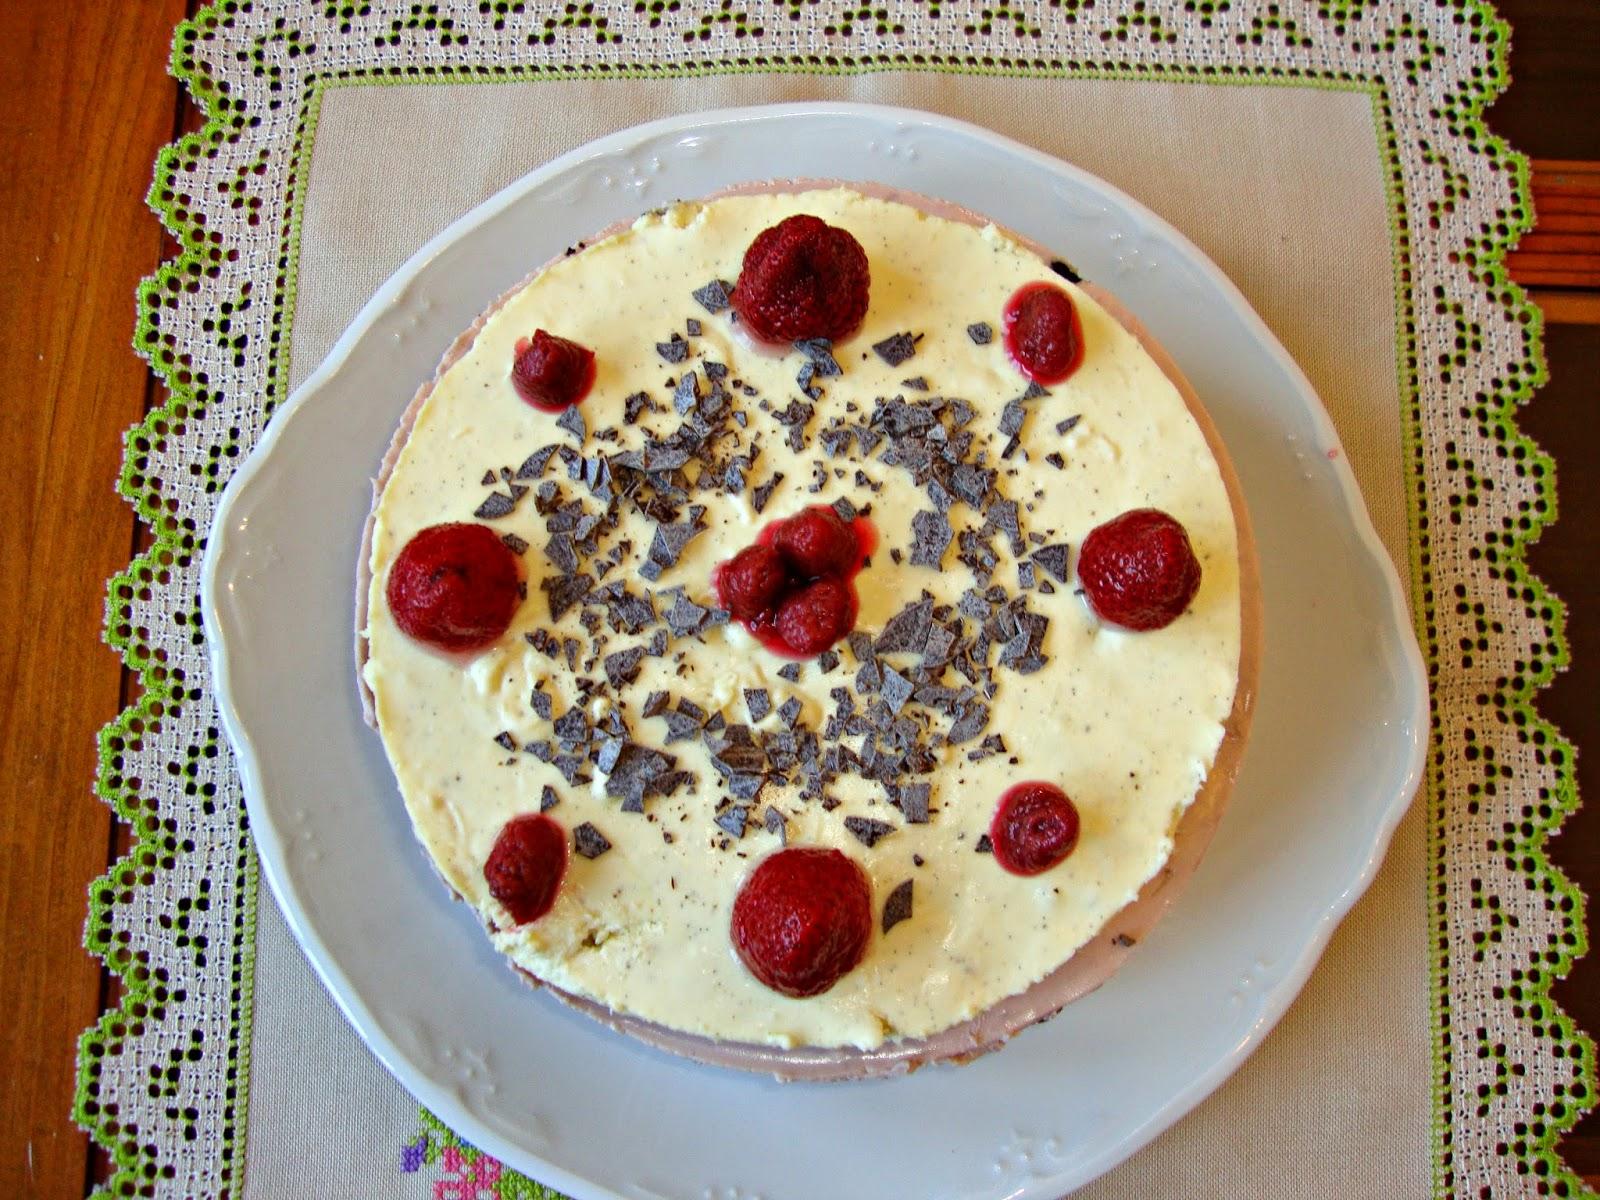 Tarta de queso con fresa, frambuesa y vainilla vista cenital